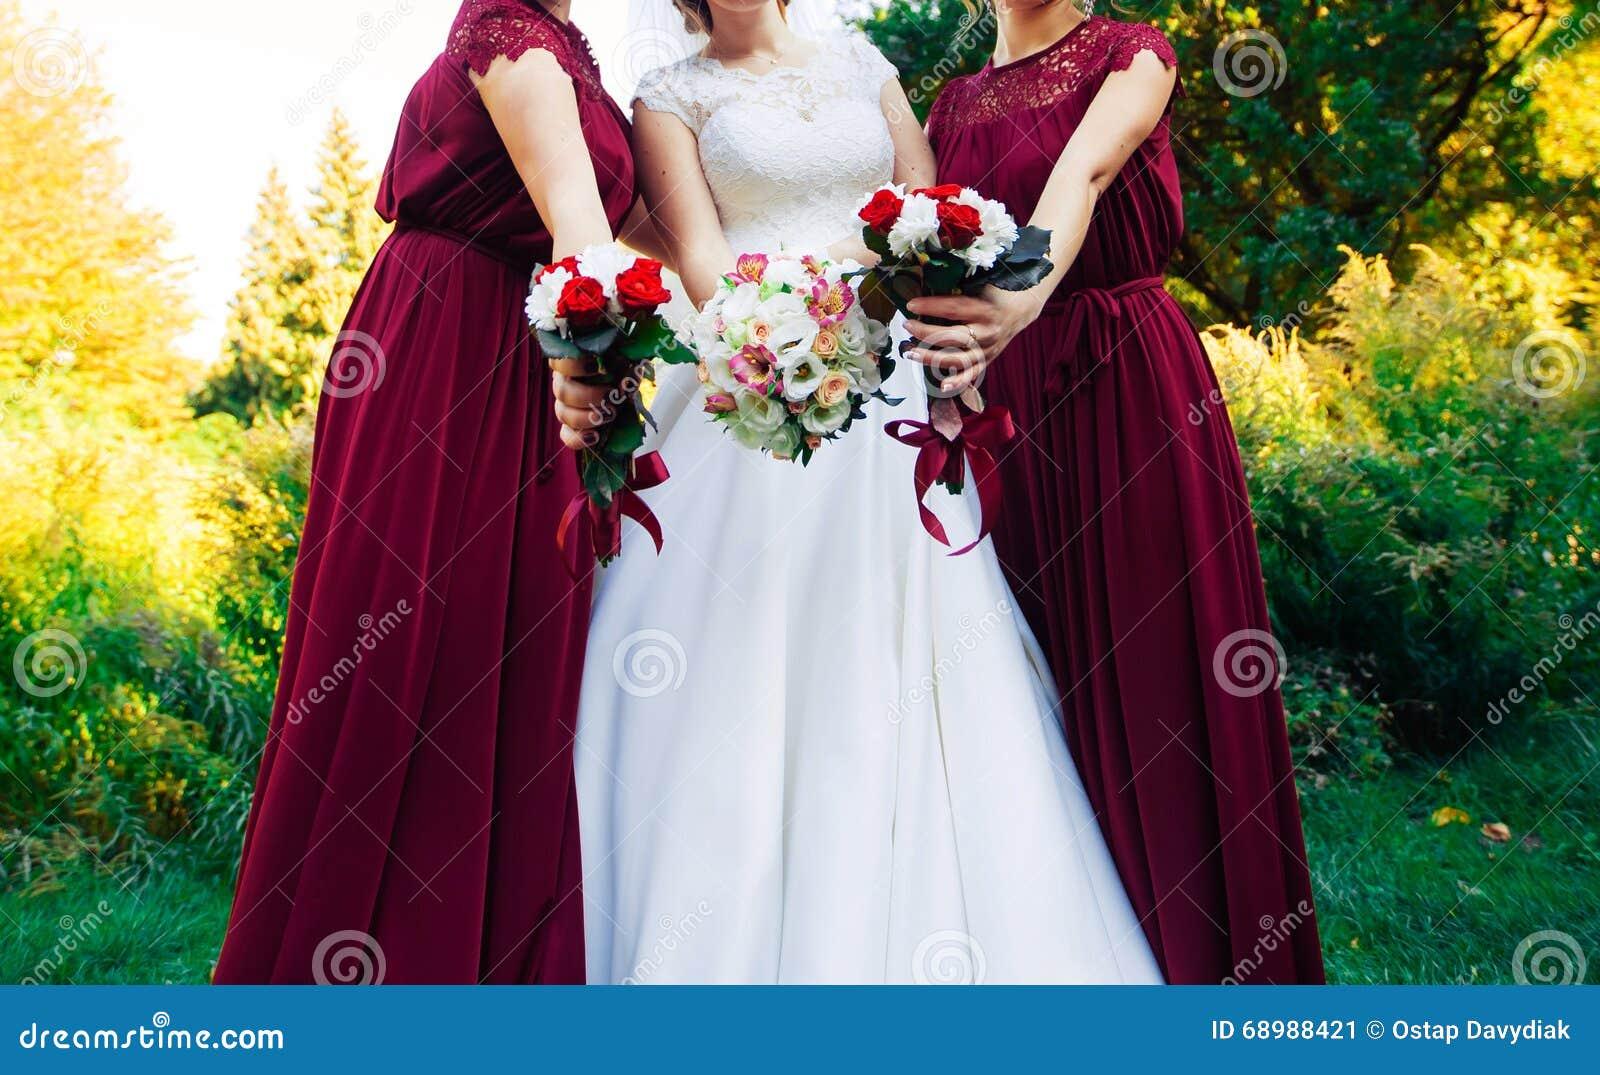 Букет свадьбы невесты и bridesmaid 2